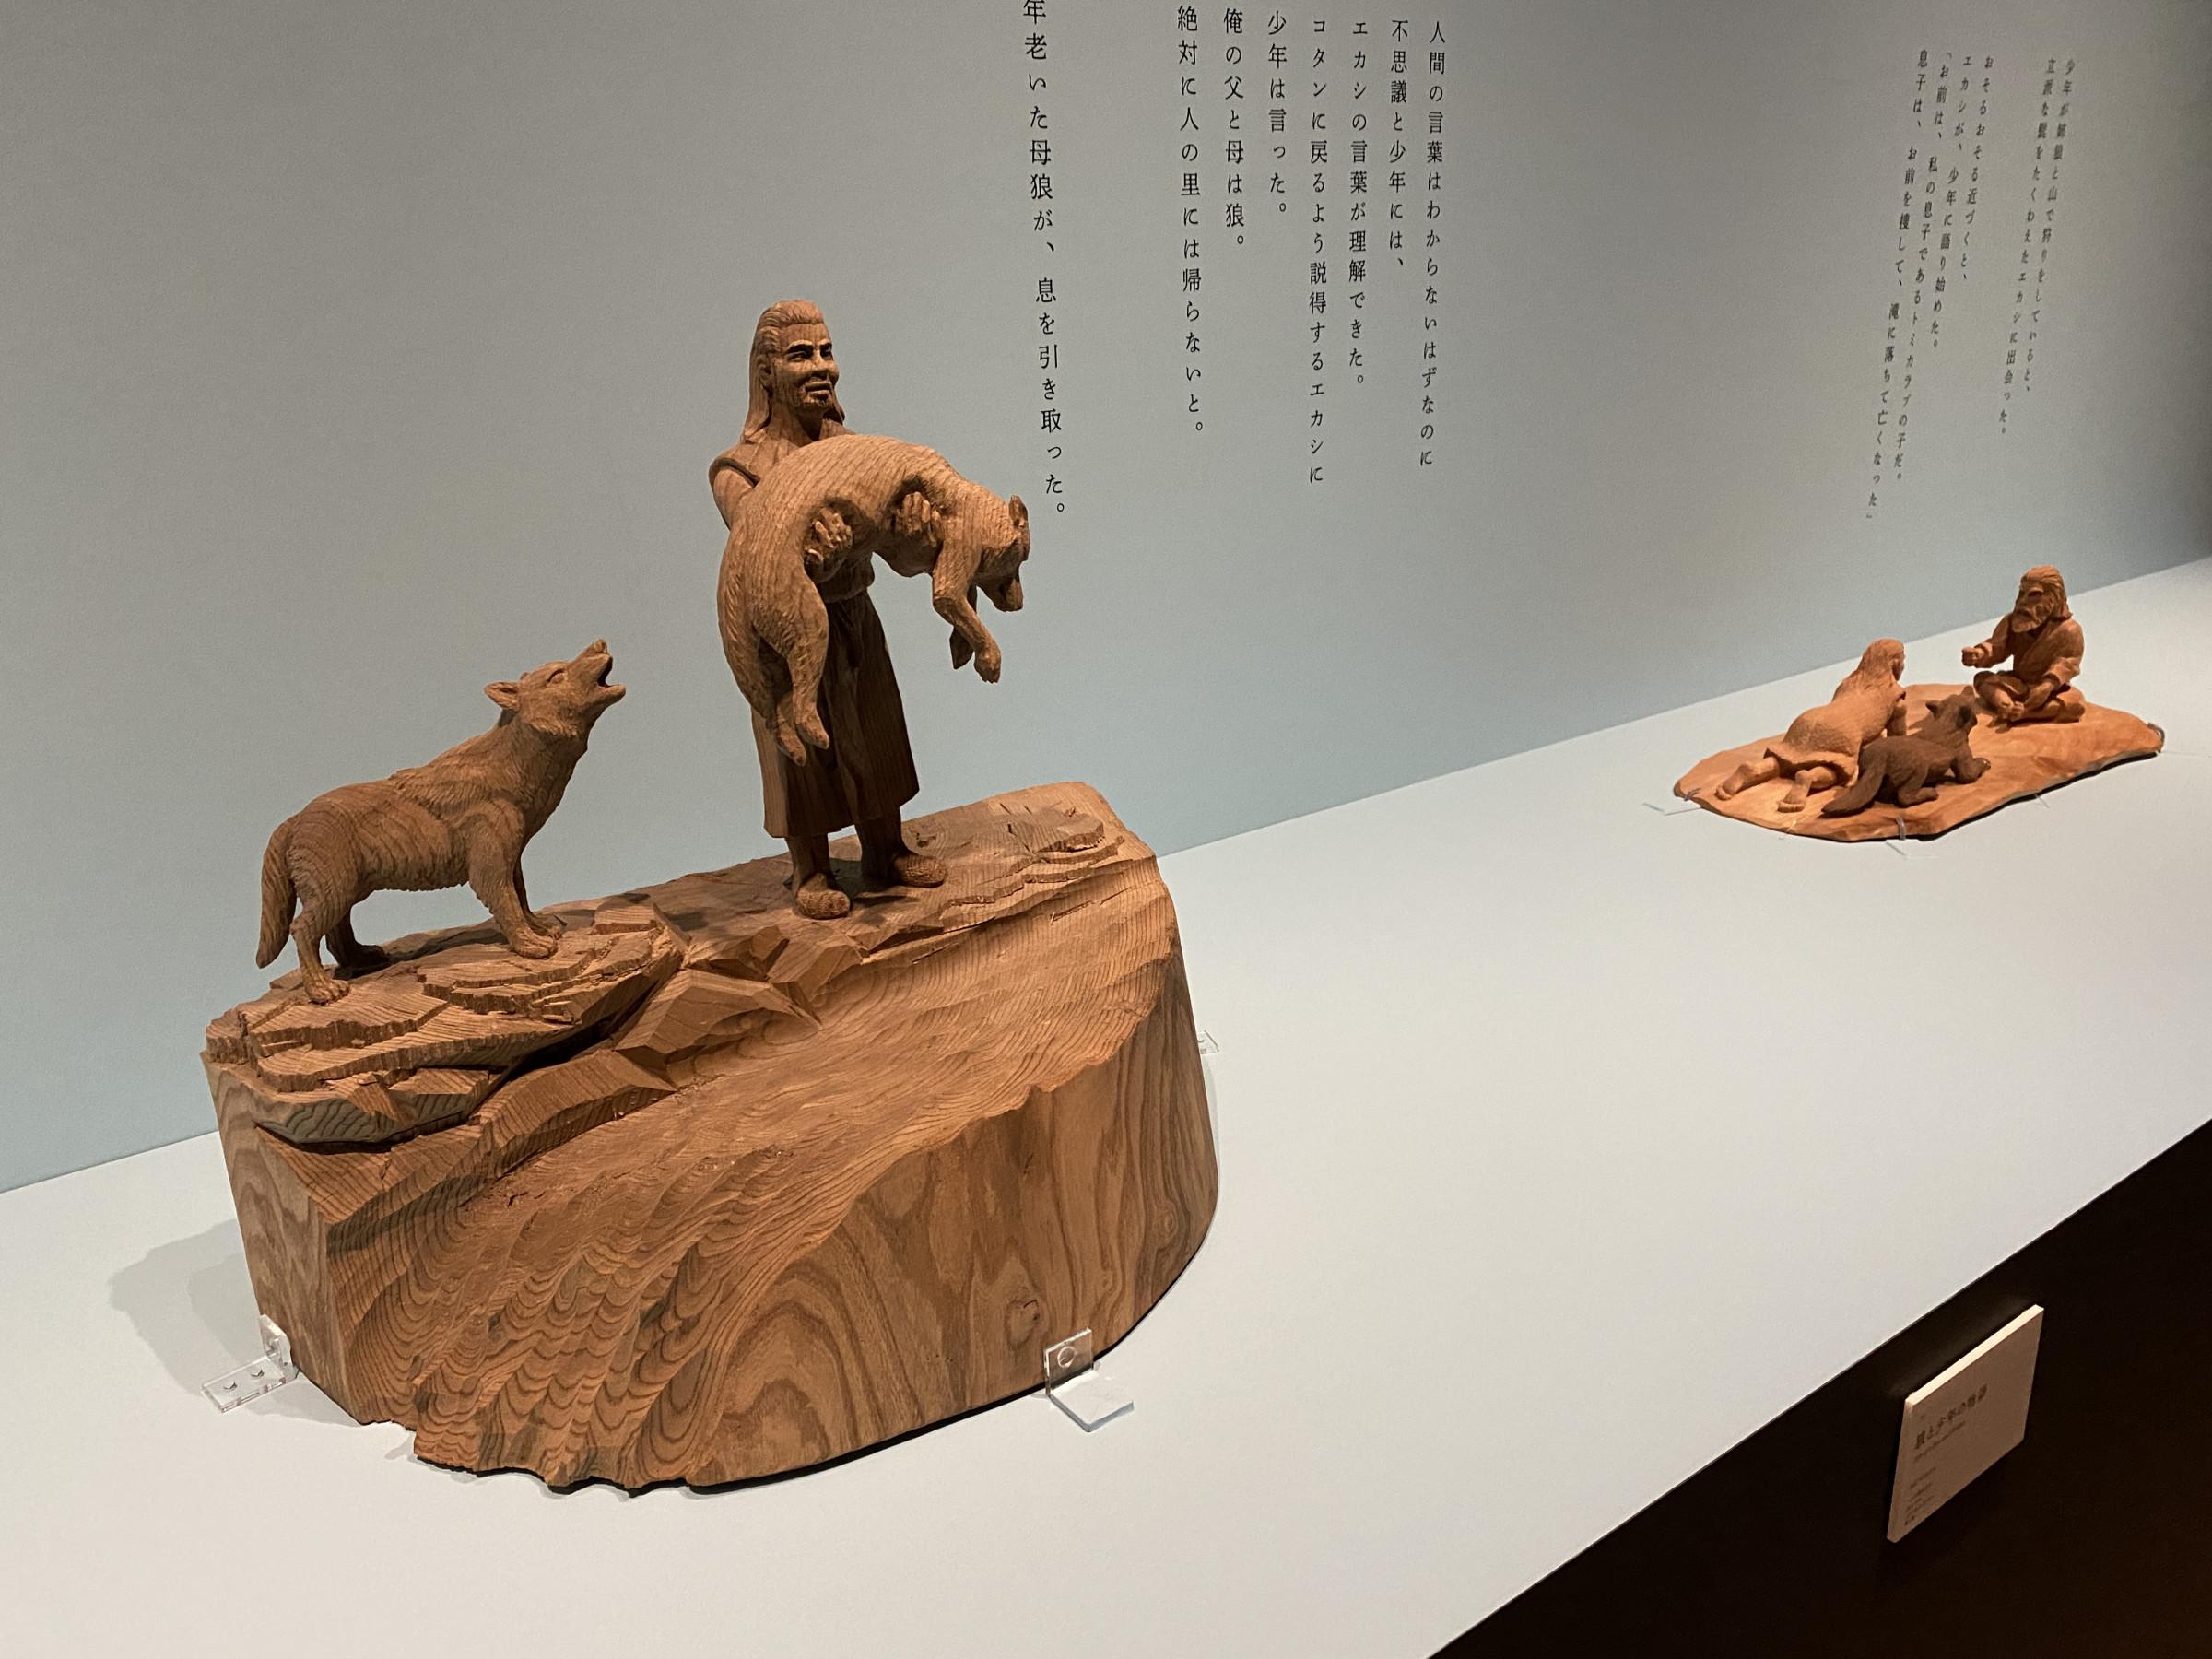 東京ステーションギャラリー「木彫り熊の申し子 藤戸竹喜」会場